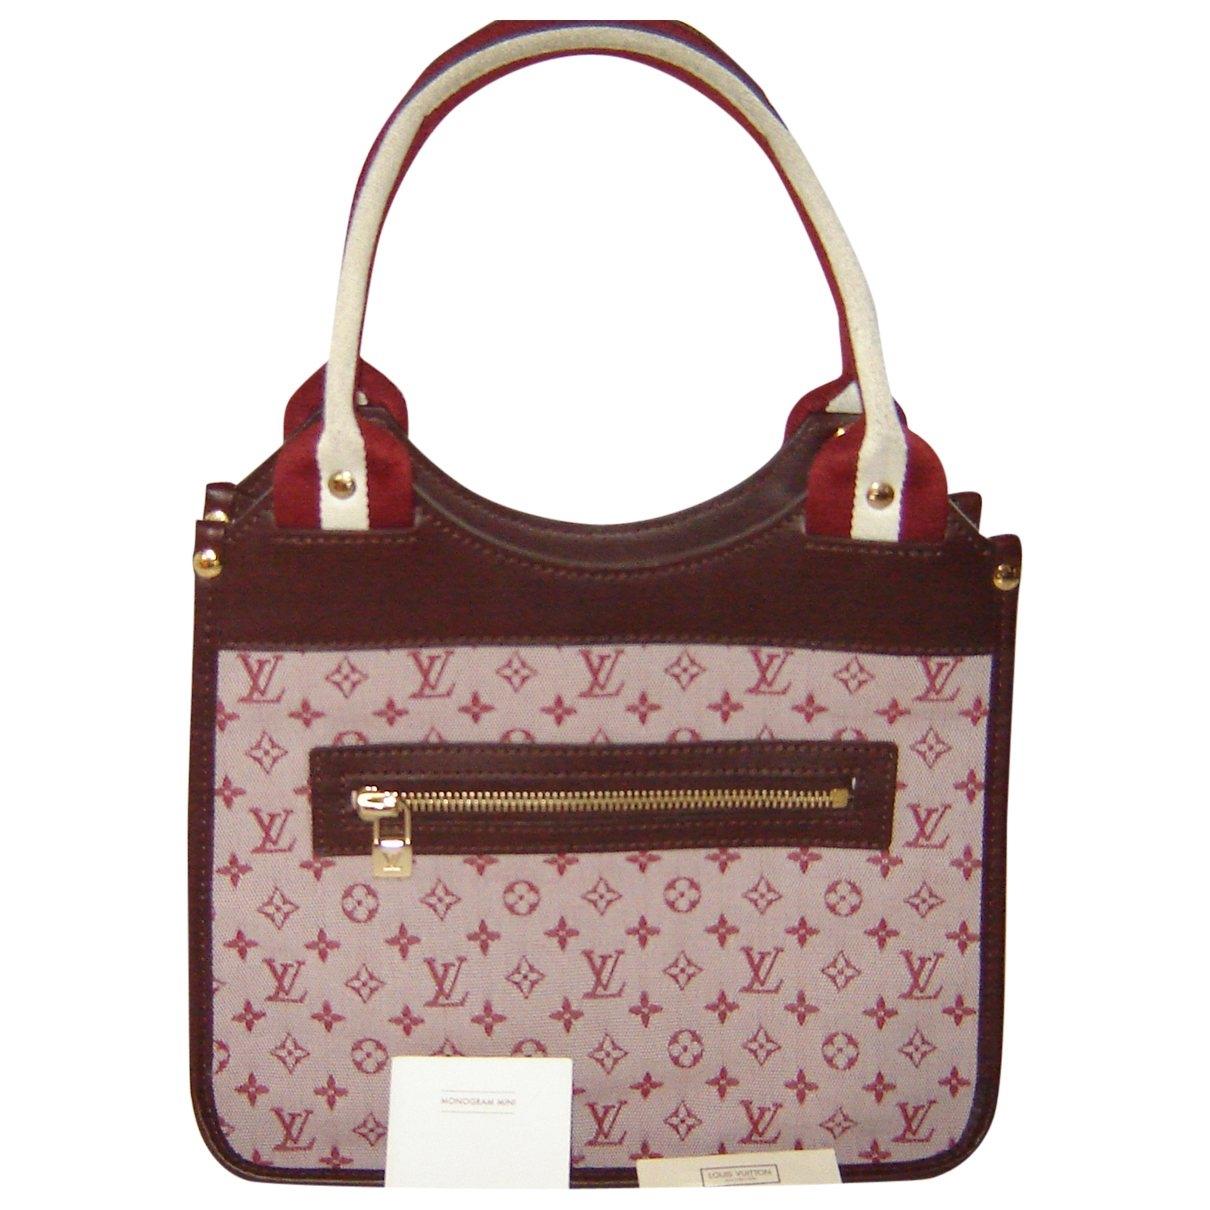 Louis Vuitton - Sac a main Kathleen pour femme en toile - bordeaux